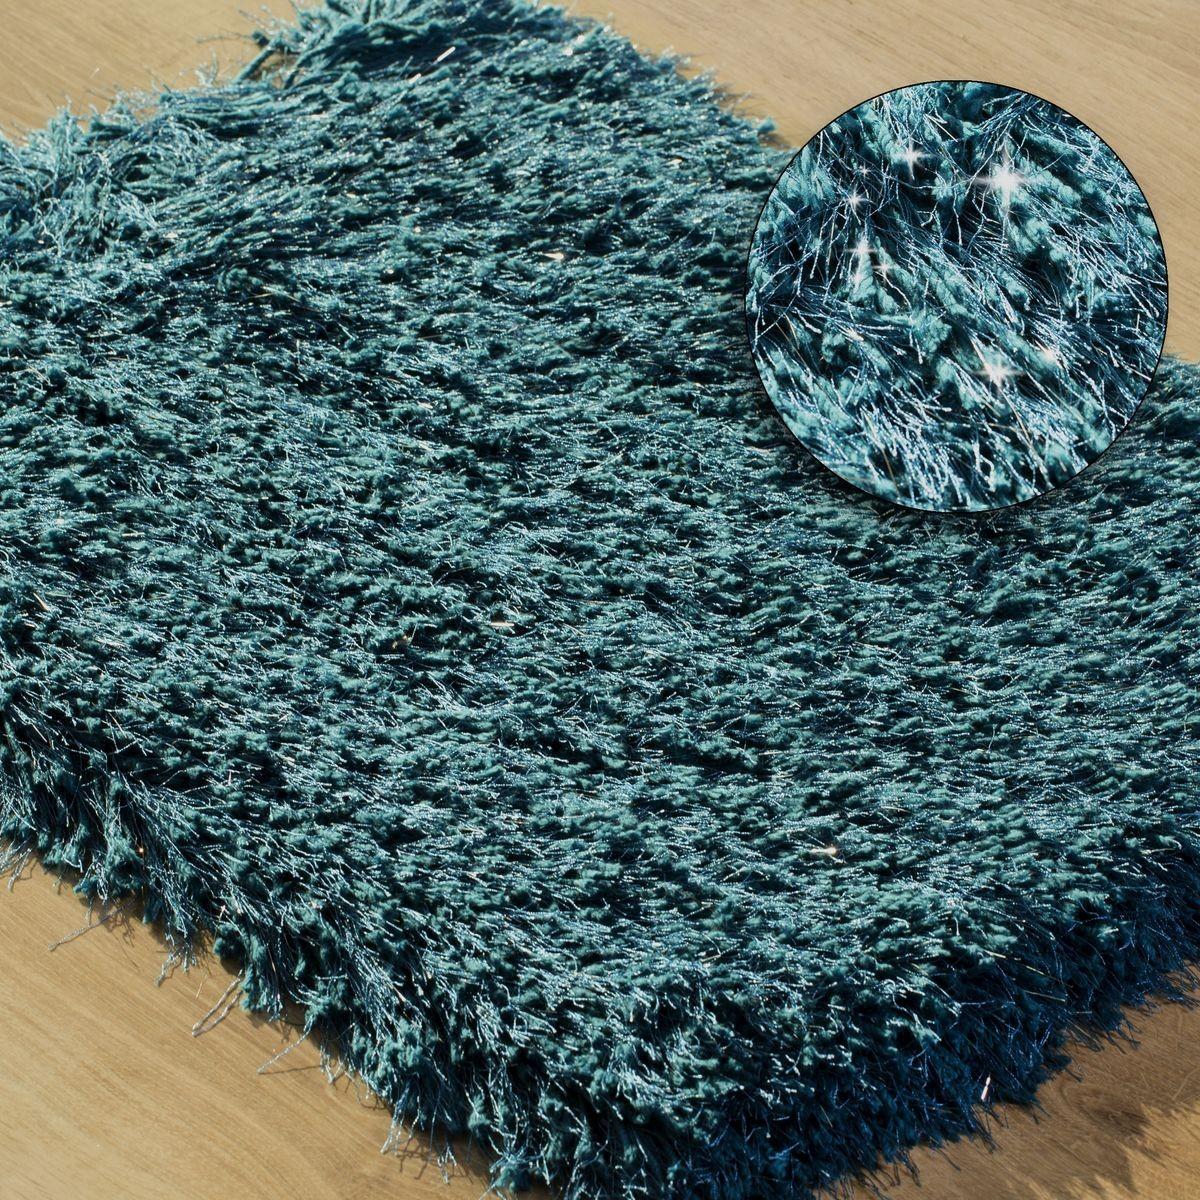 DomTextilu Lurexový tyrkysový koberec do kúpelne Šírka: 50 cm   Dĺžka: 70 cm 44475-217872